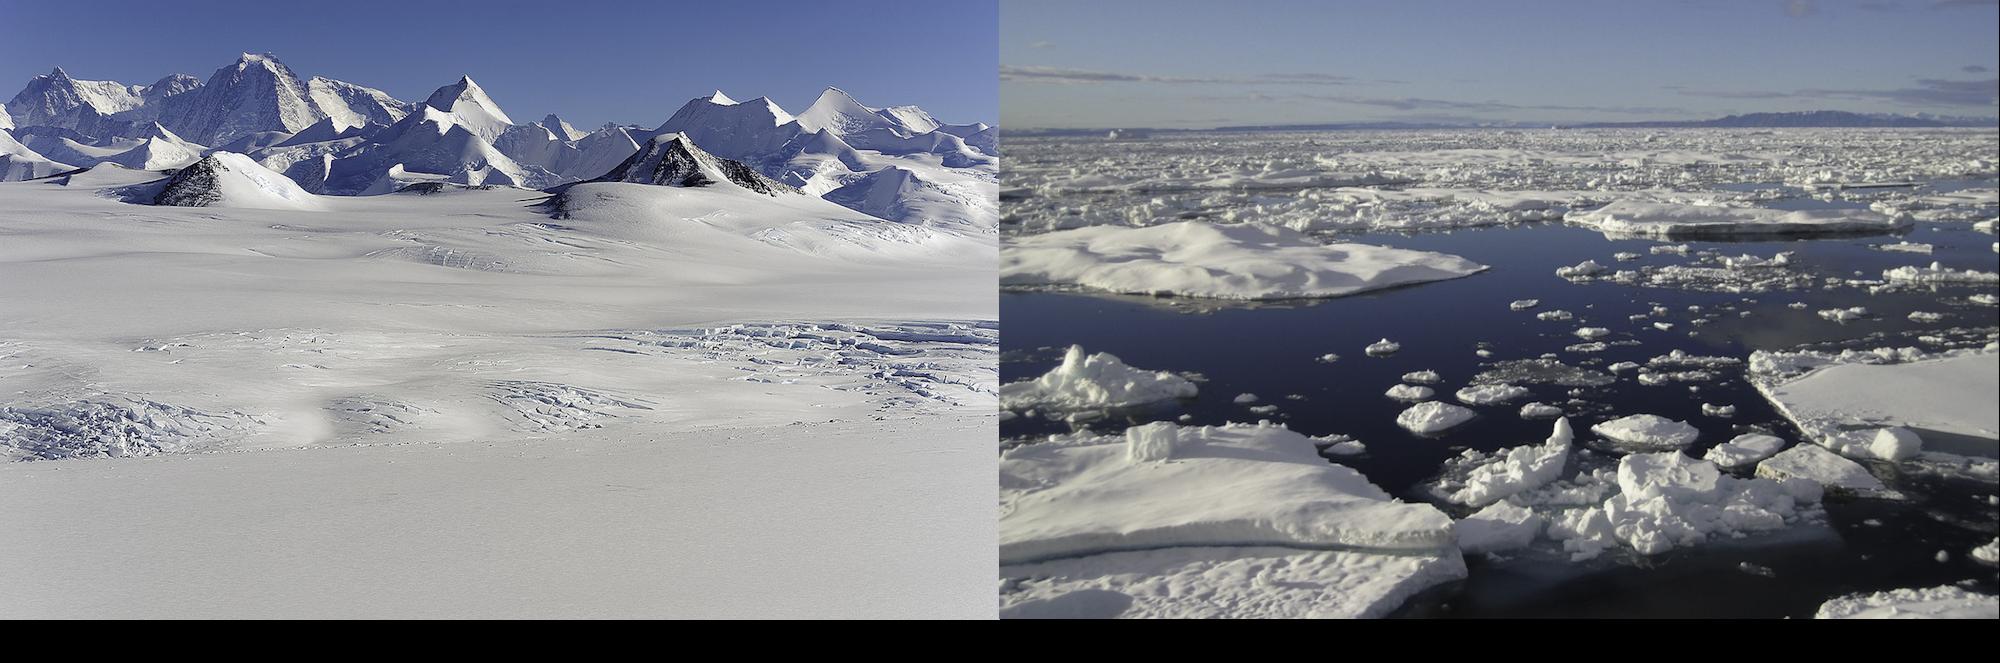 Comparing Polar Regions